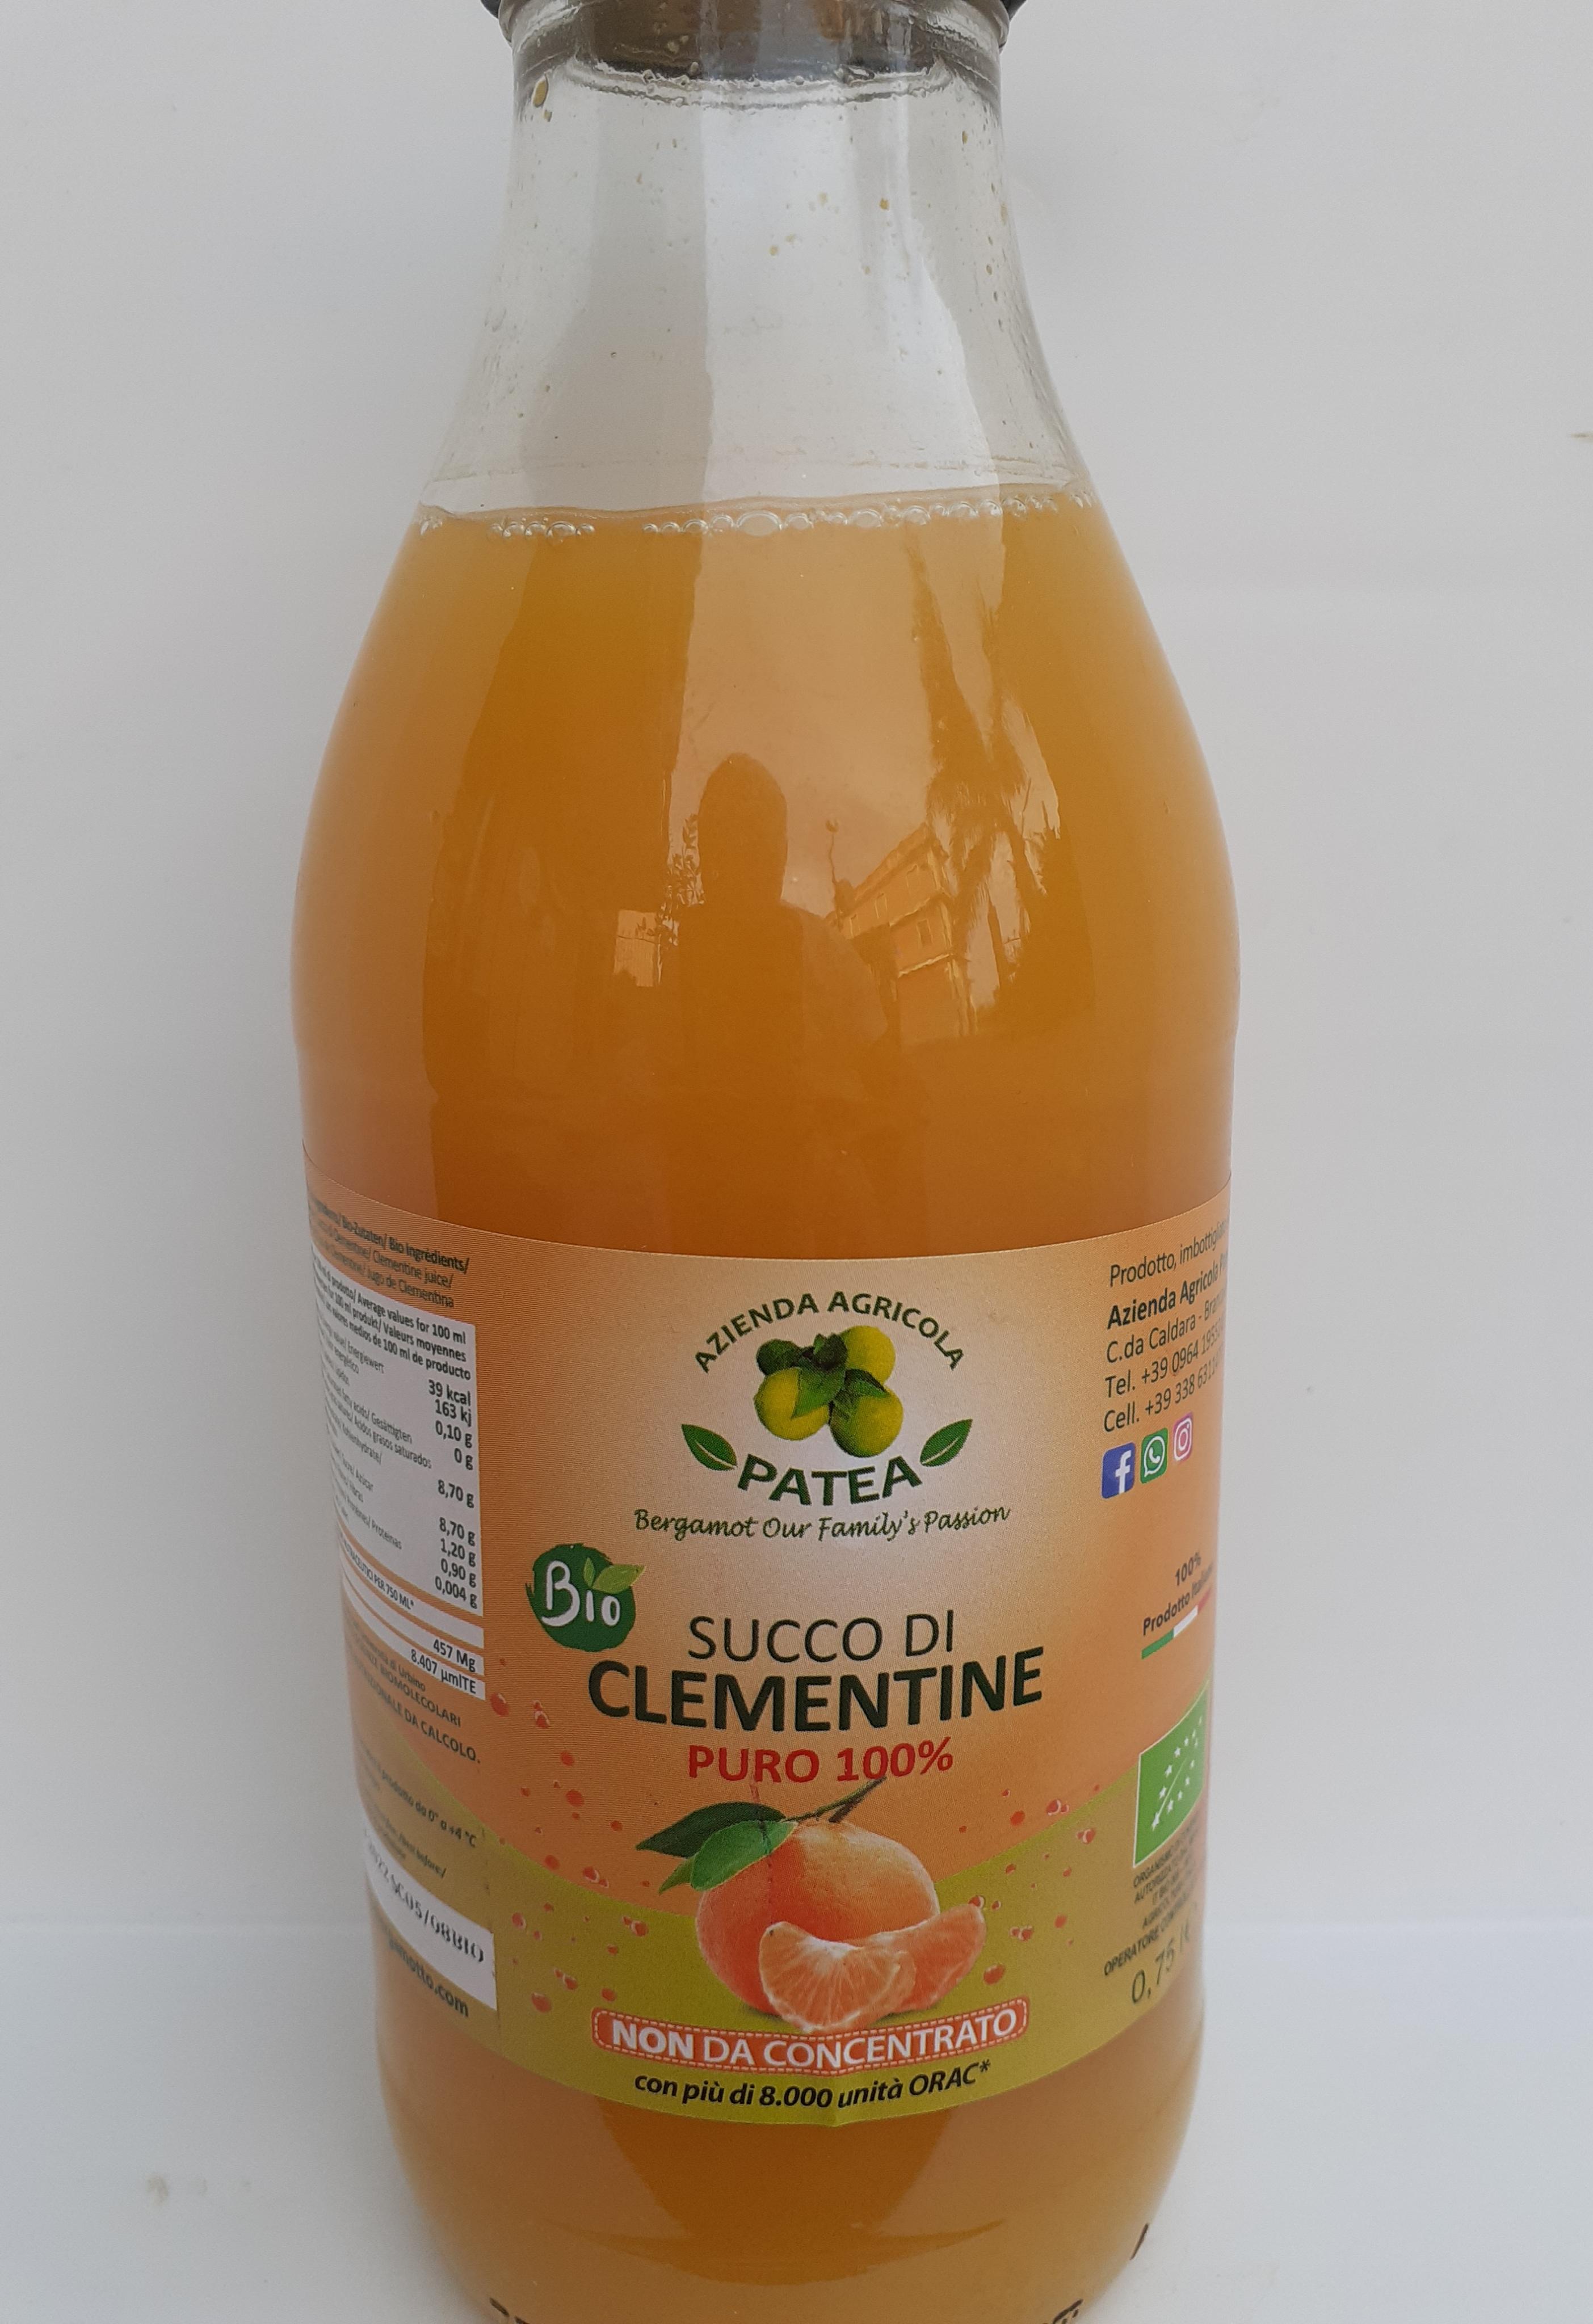 Succo di Clementine 0,70cl bio . Az Agr Patea di Brancaleone (RC)